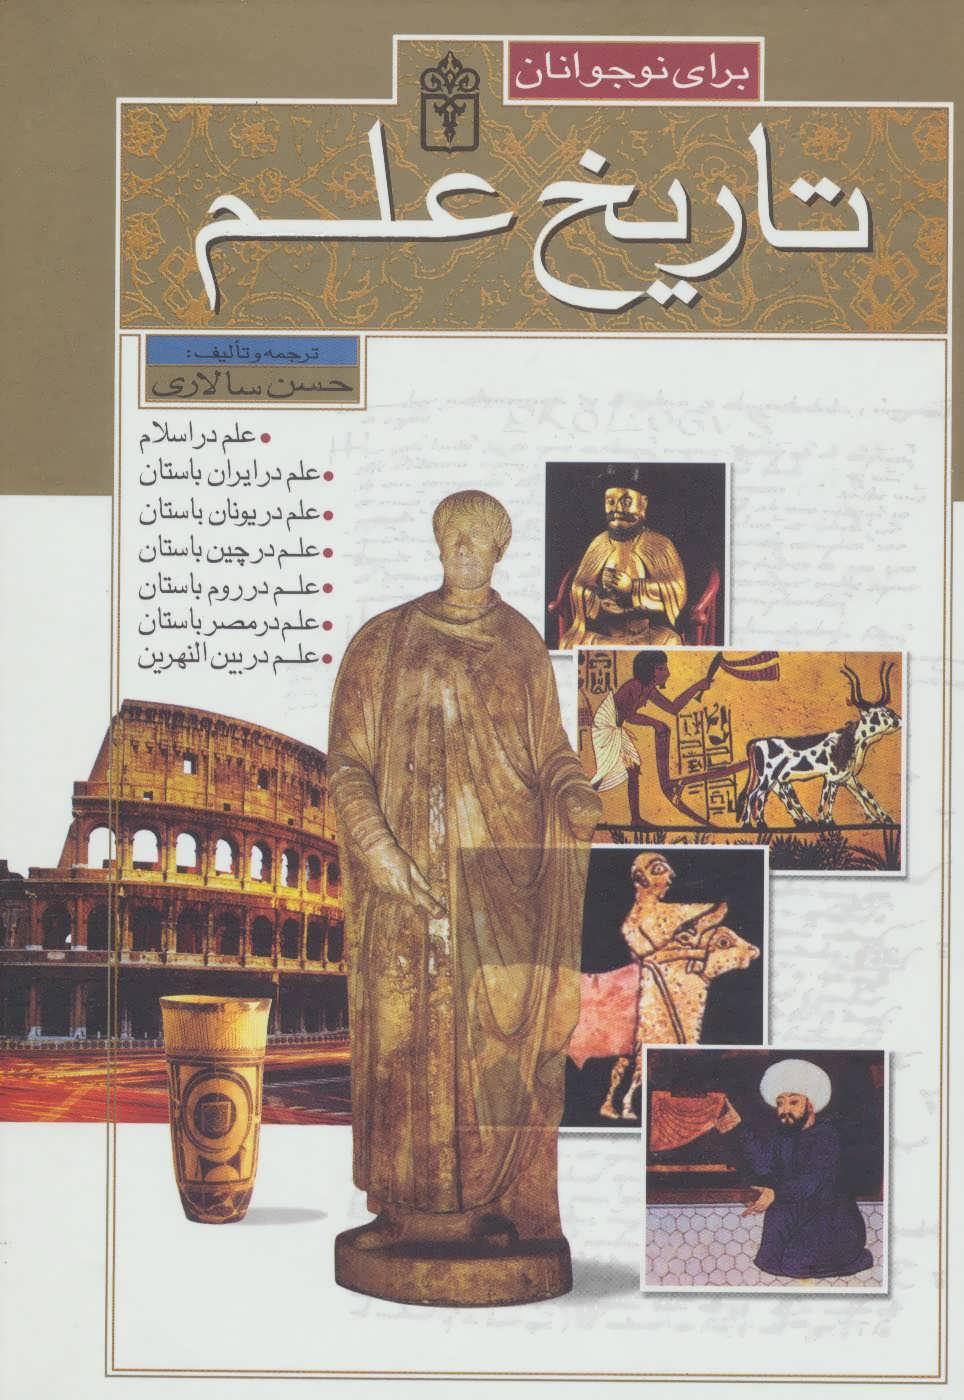 کتاب علم در اسلام: تاریخ علم برای نوجوانان